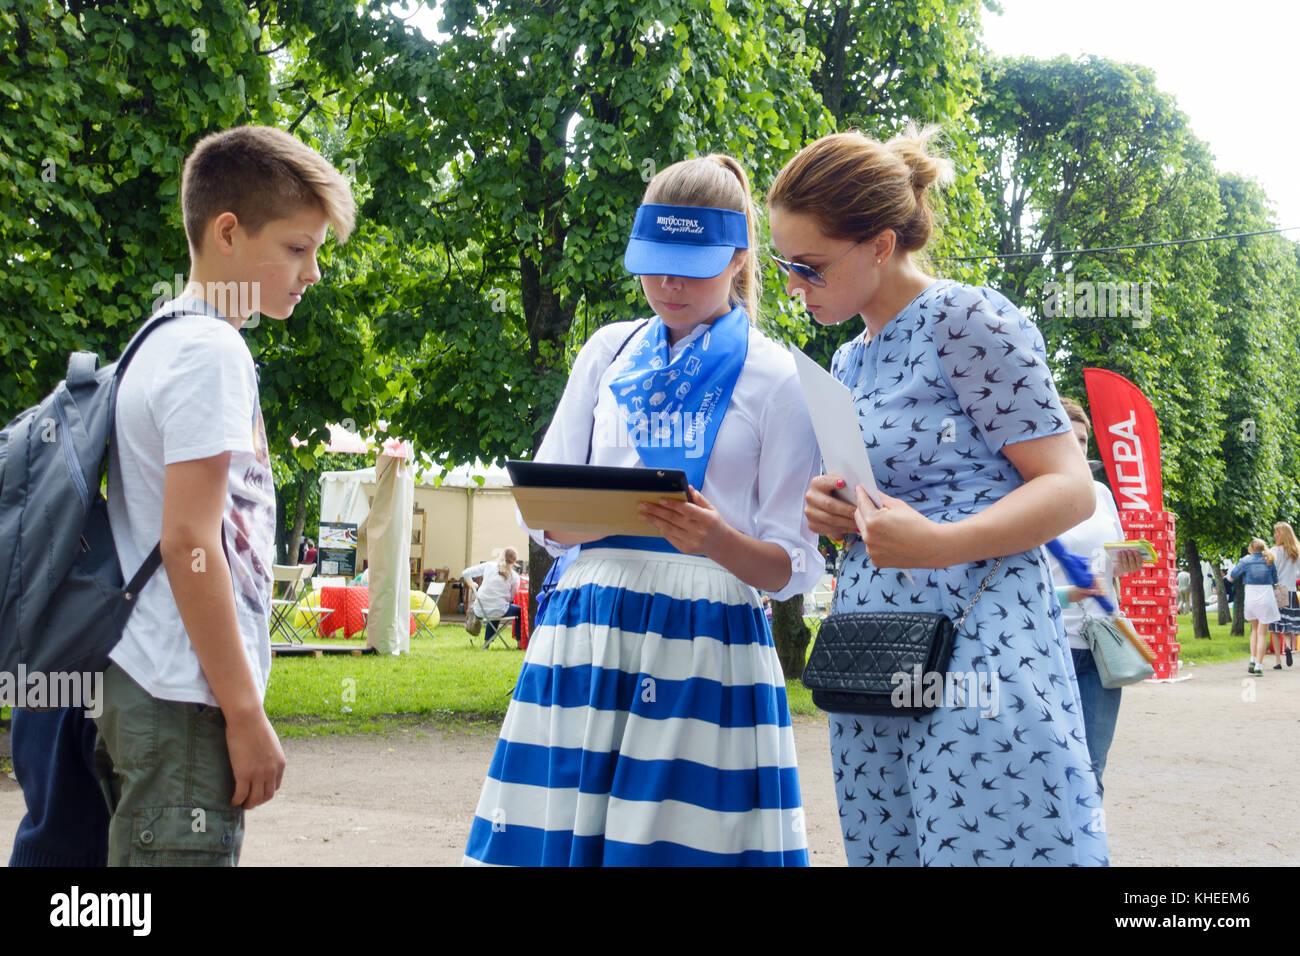 Moskau - Juni 4: Agenten der Versicherung interview Besucher Stockbild